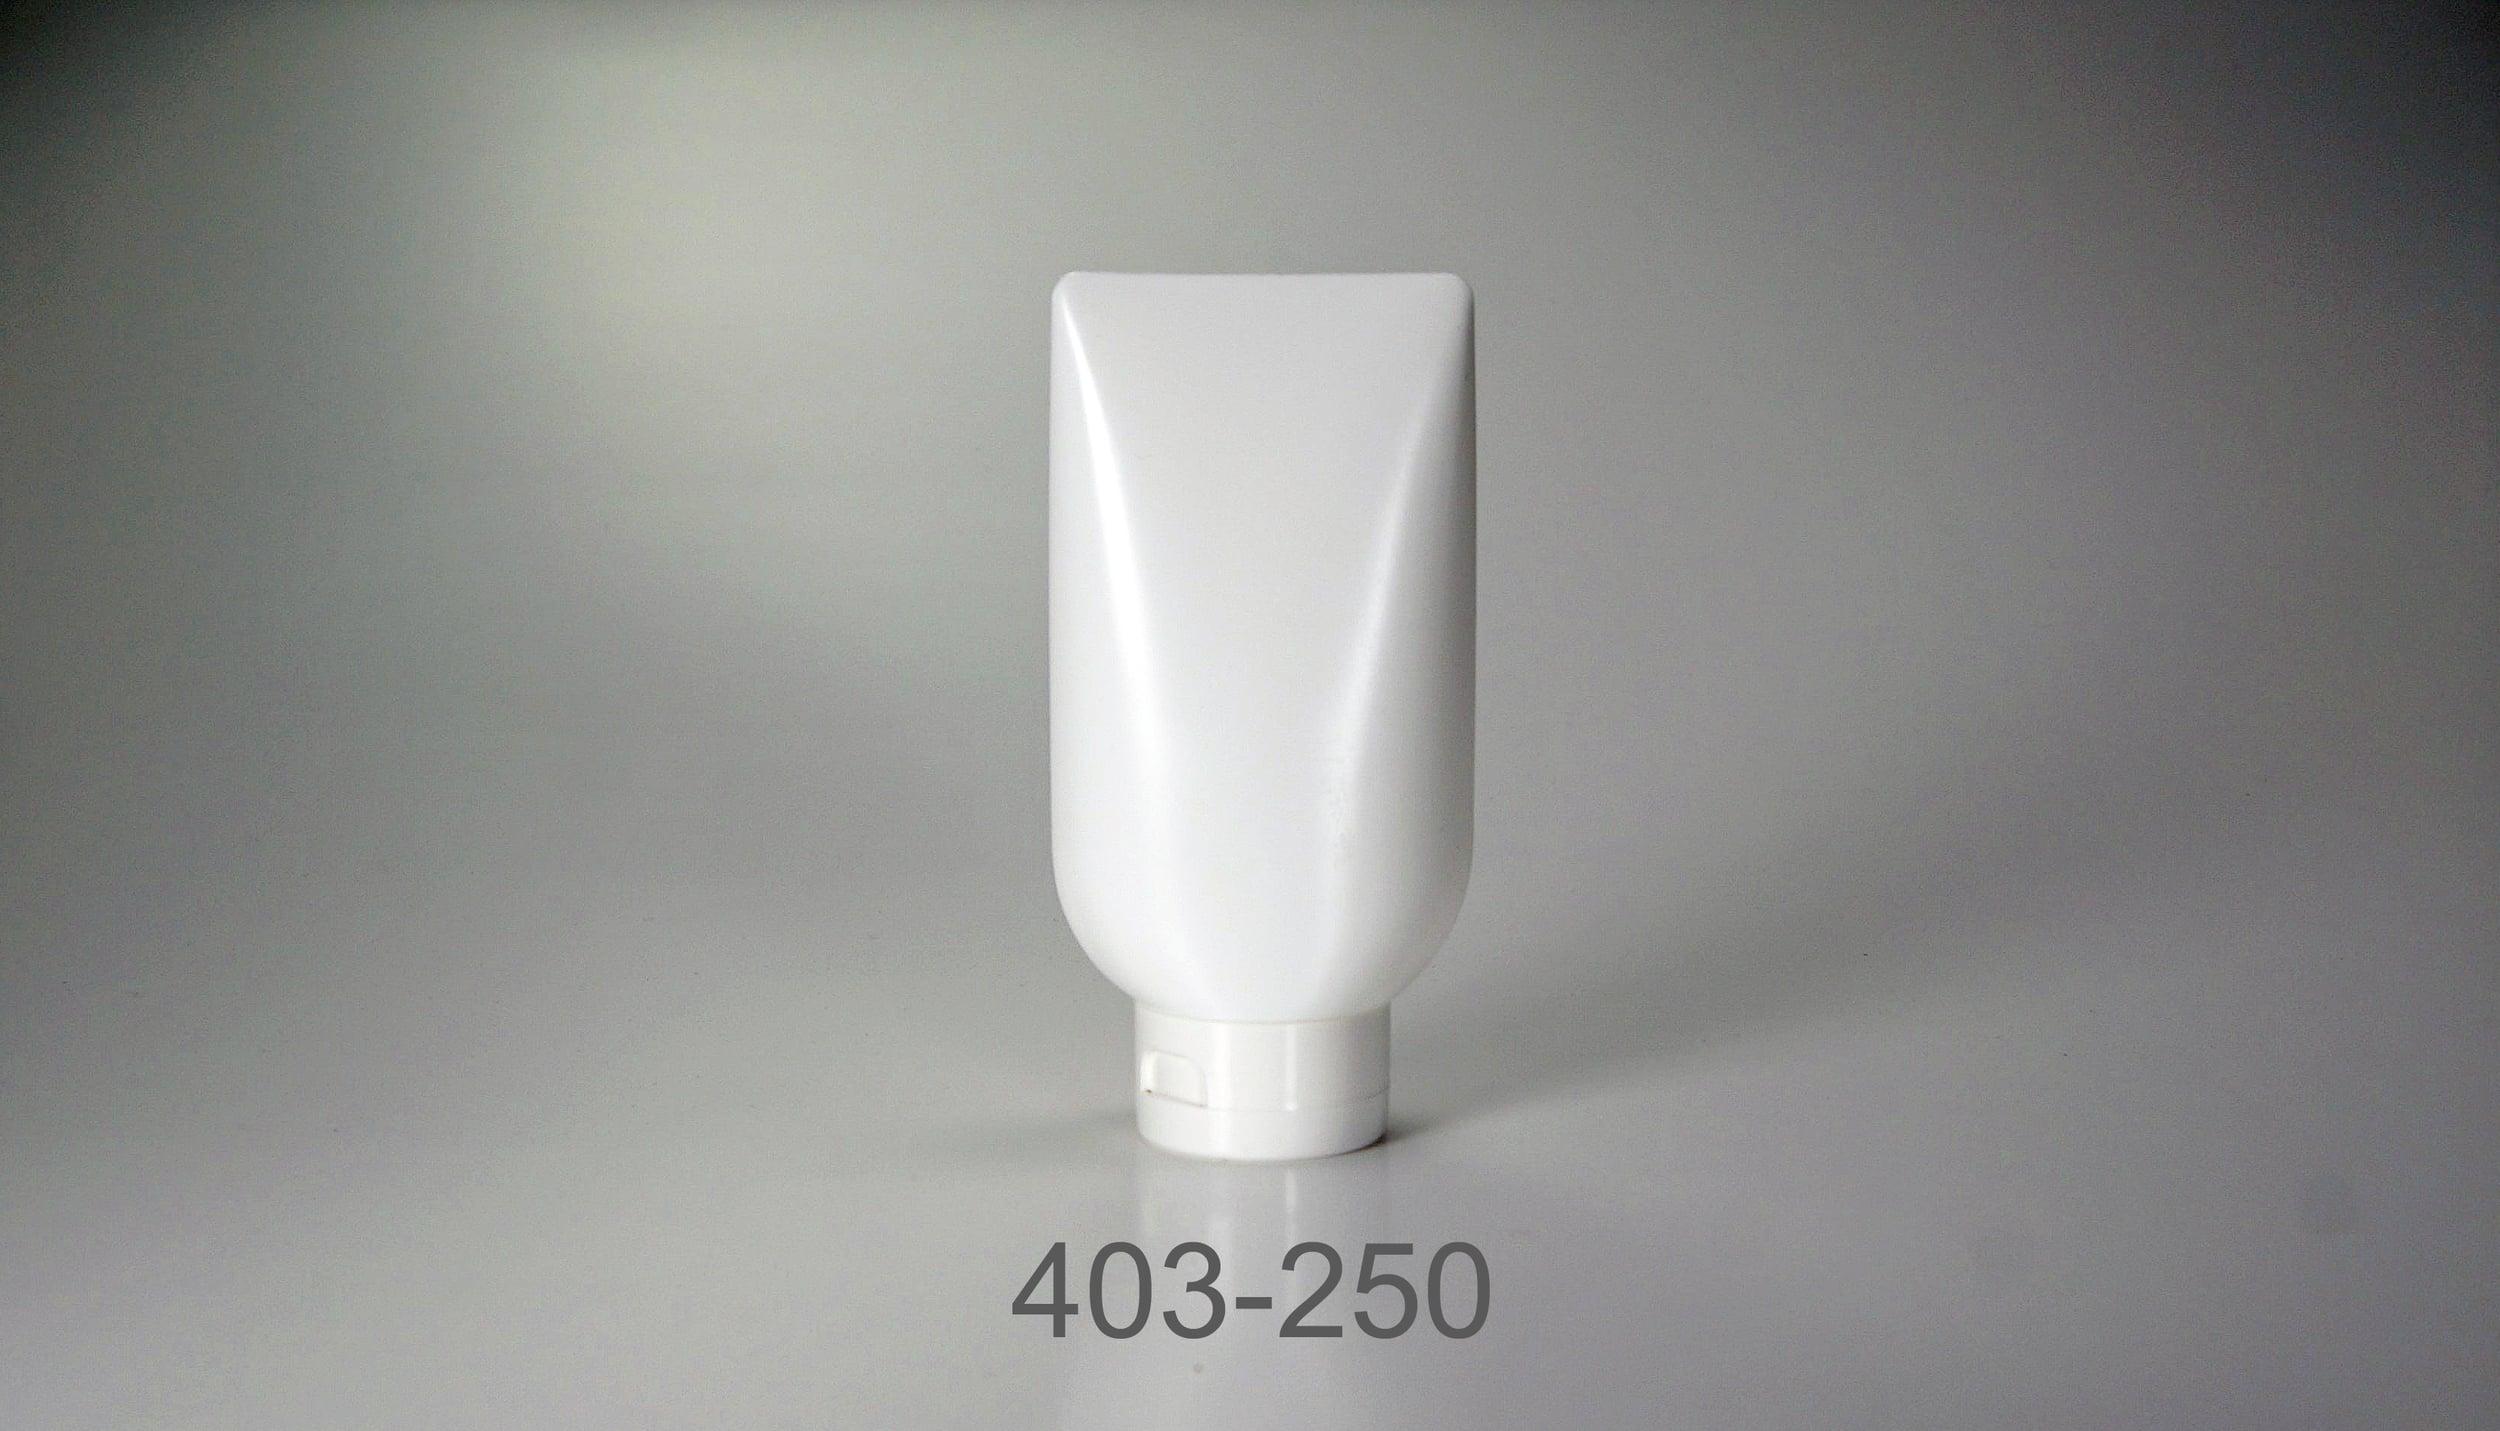 403-250.jpg